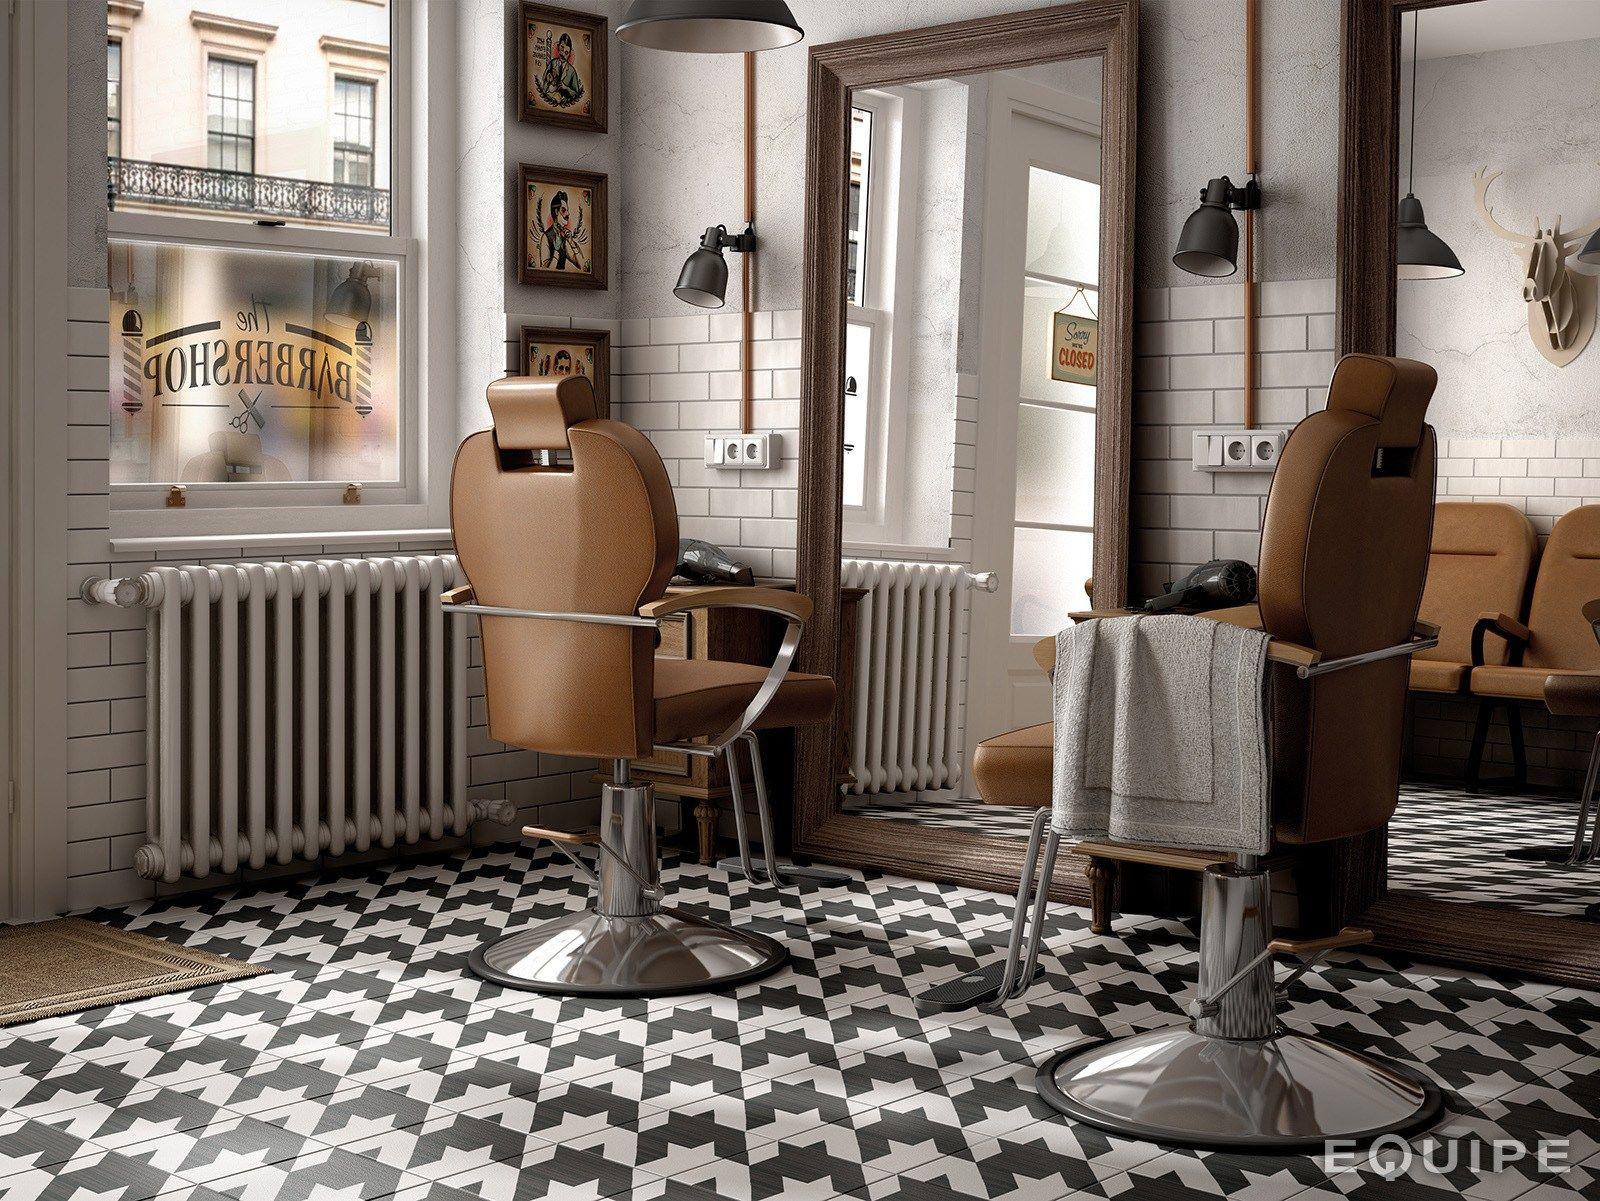 Ceramic wall floor tiles caprice deco by equipe ceramicas - Deco carrelage cuisine ...